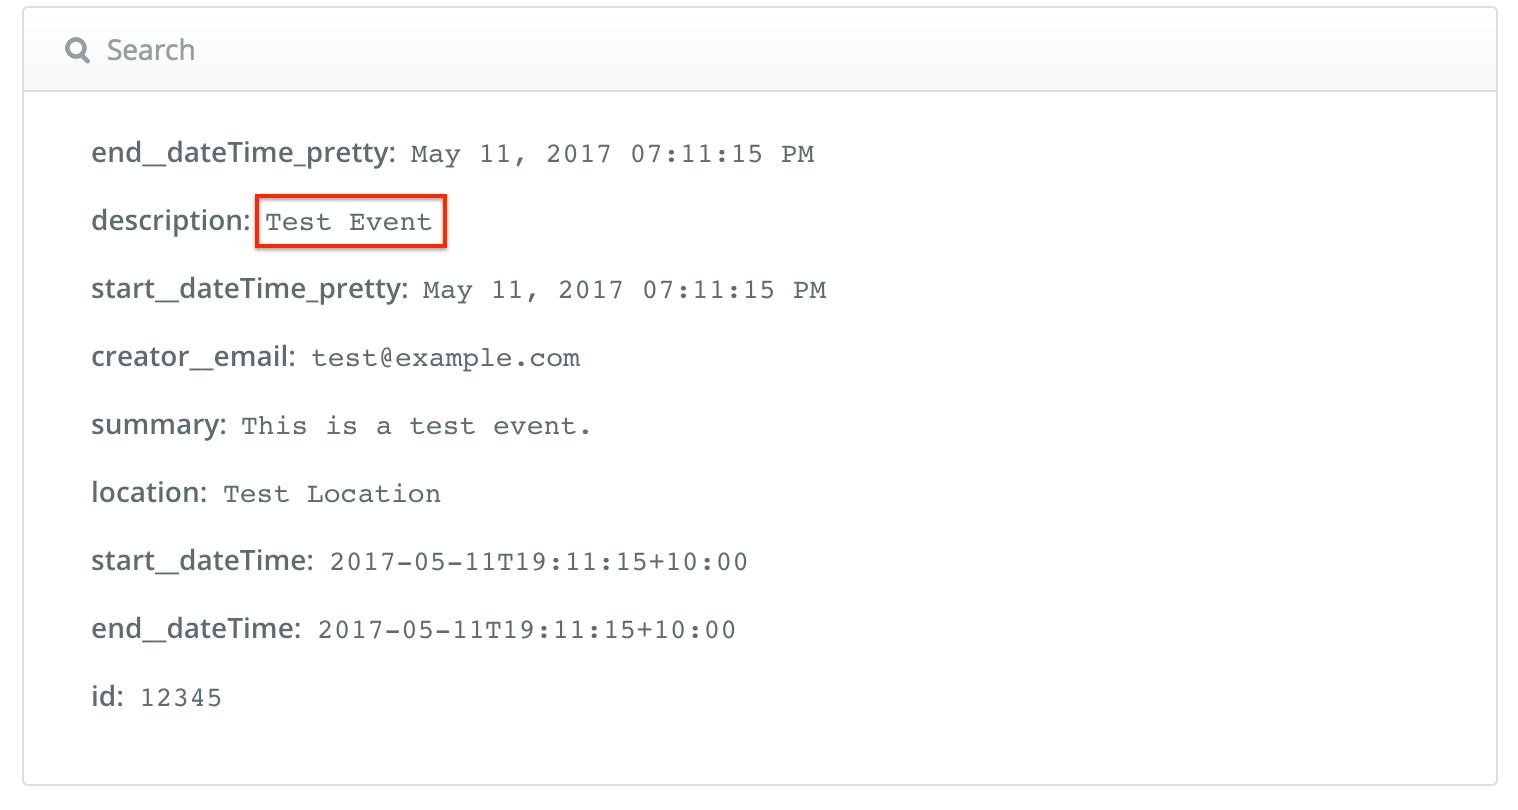 google calendar integration help support zapier